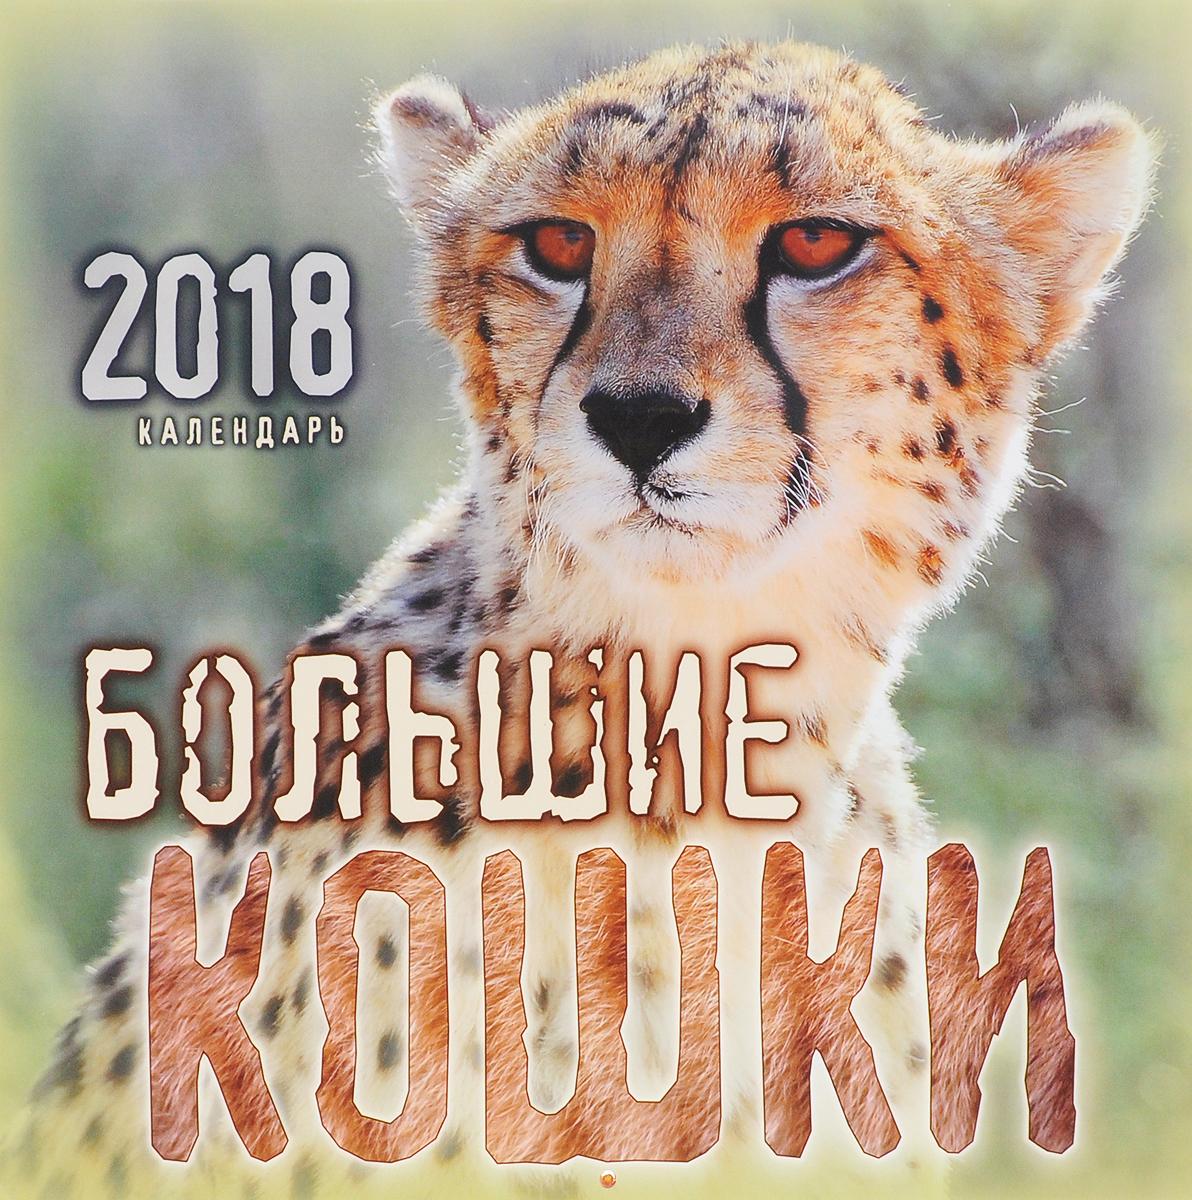 Календарь 2018 (перекидной). Большие кошки бедуайер камилла де ла большие кошки